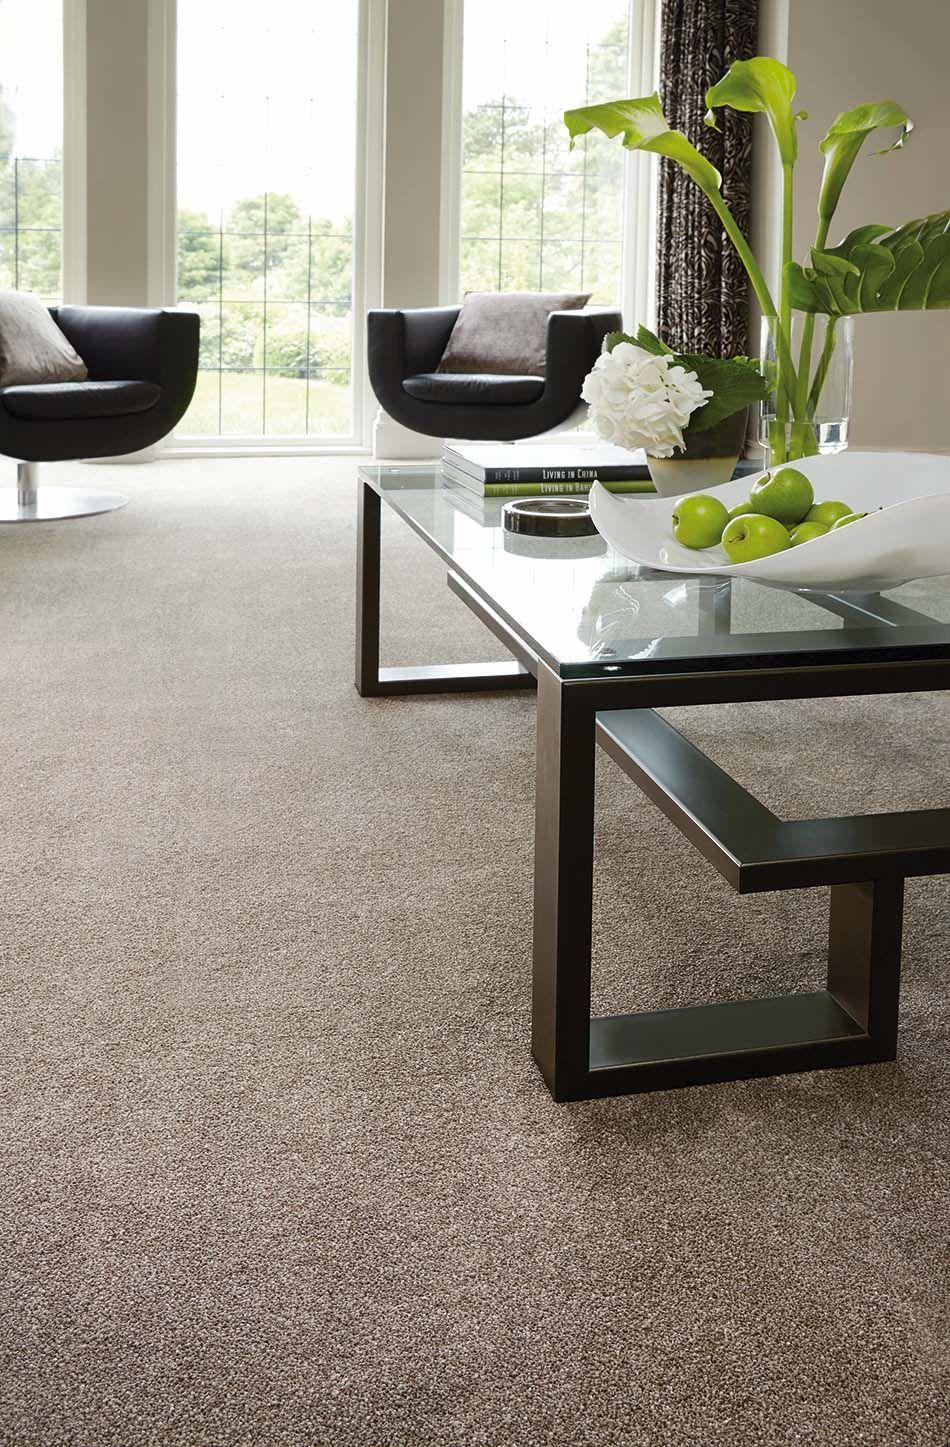 Neutral Coloured Carpet From: Www.michael-john.co.uk